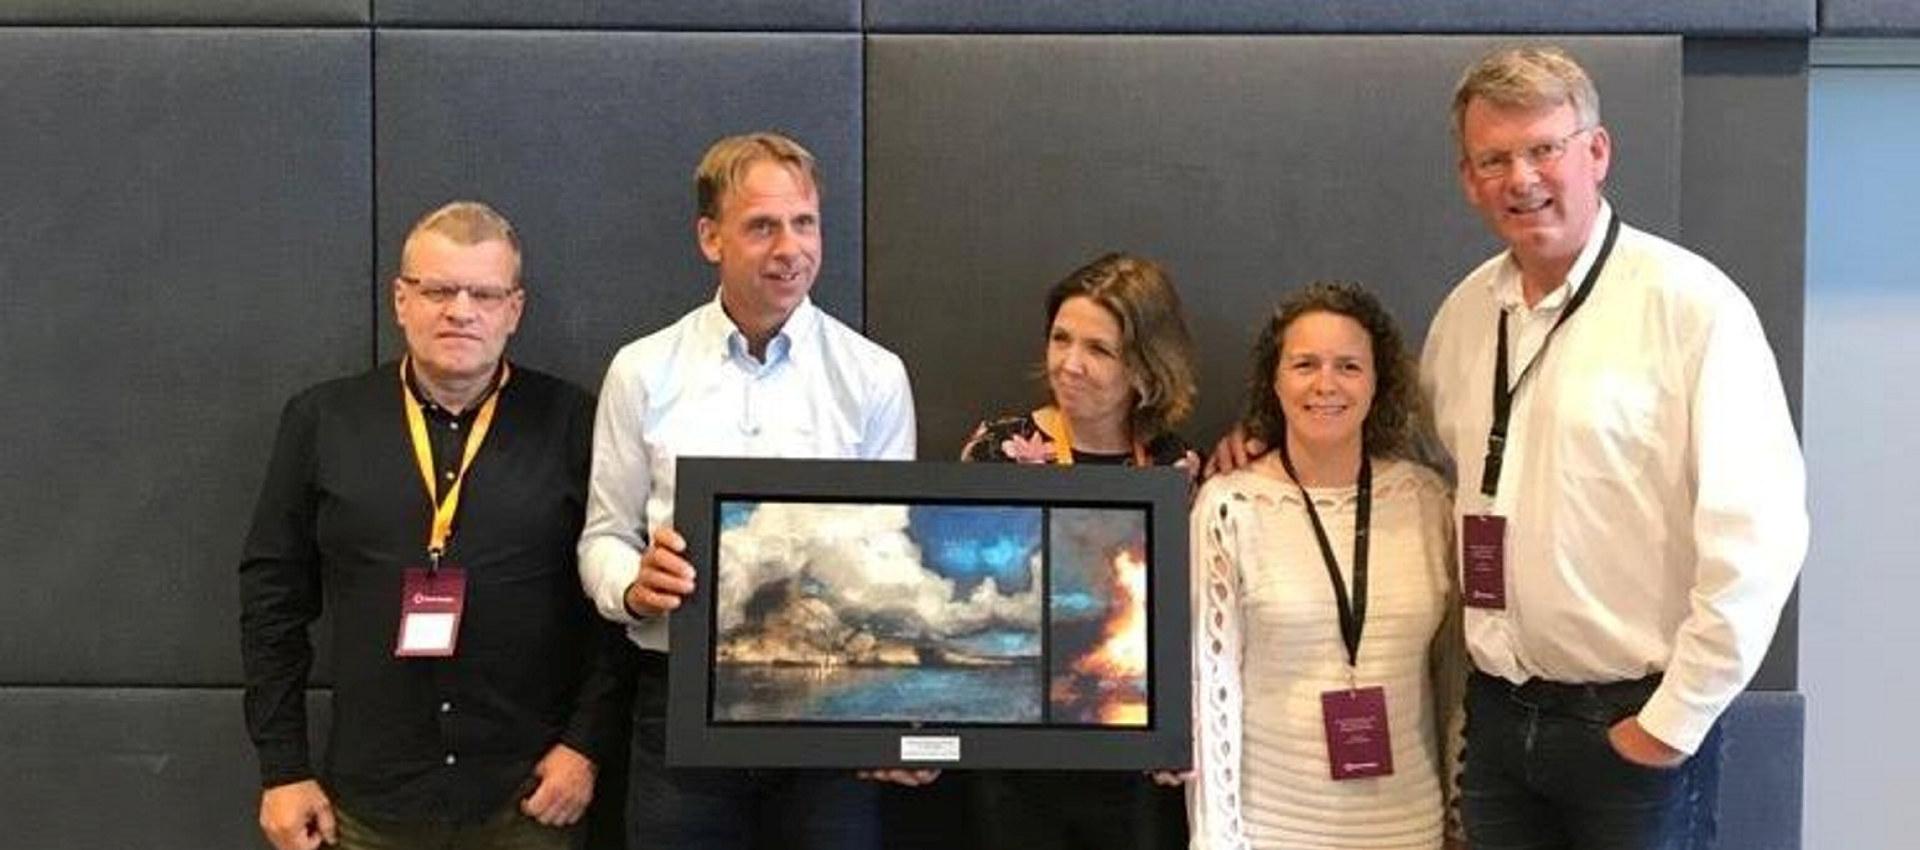 Fem personer fra Elkem mottar bilde og diplom for HMS Sikkerhetspris 2019